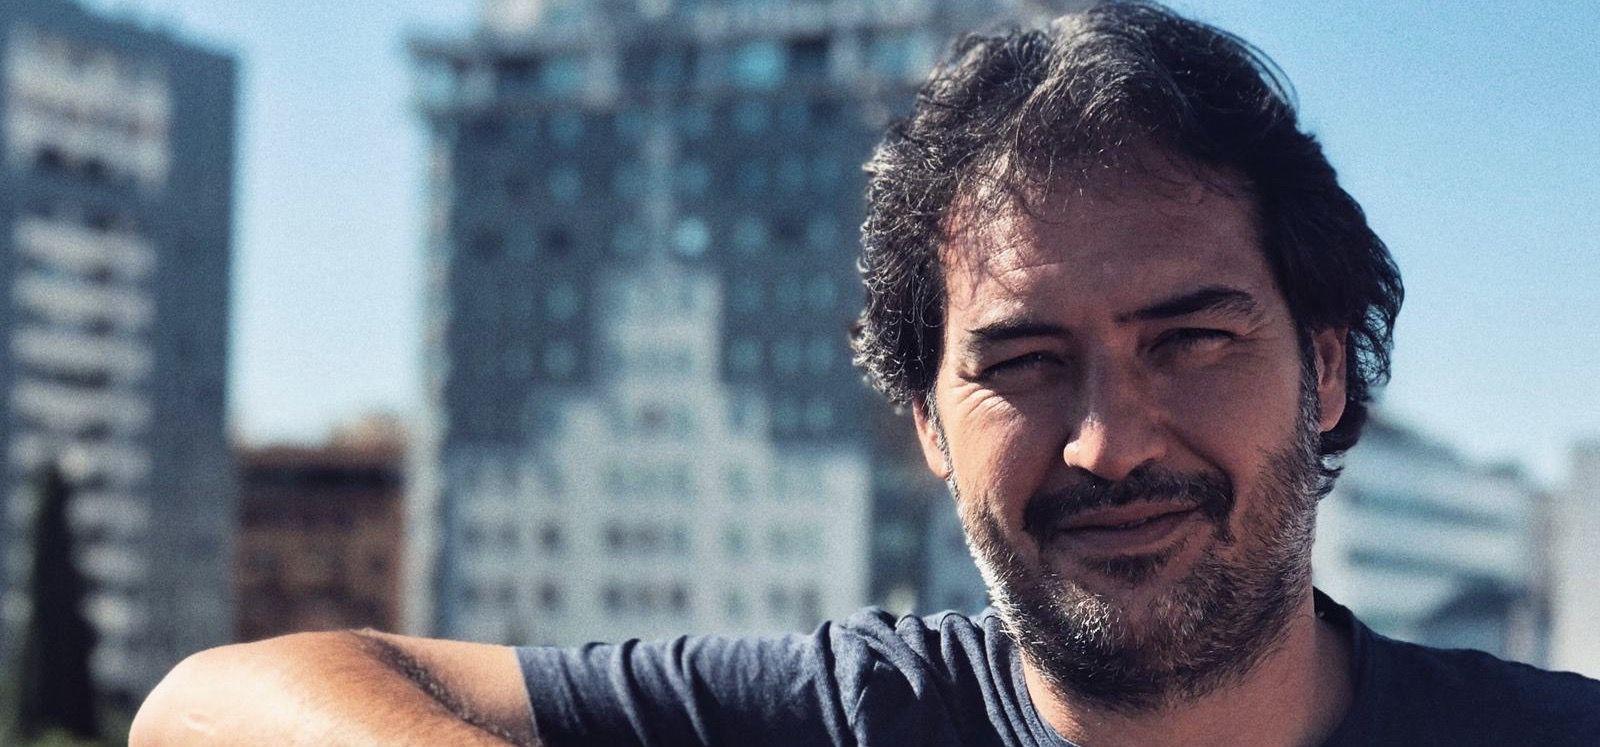 El hasta ahora colaborador de Extradigital, será el DIRCOM que gestione la información y comunicación del gobierno central en Málaga.